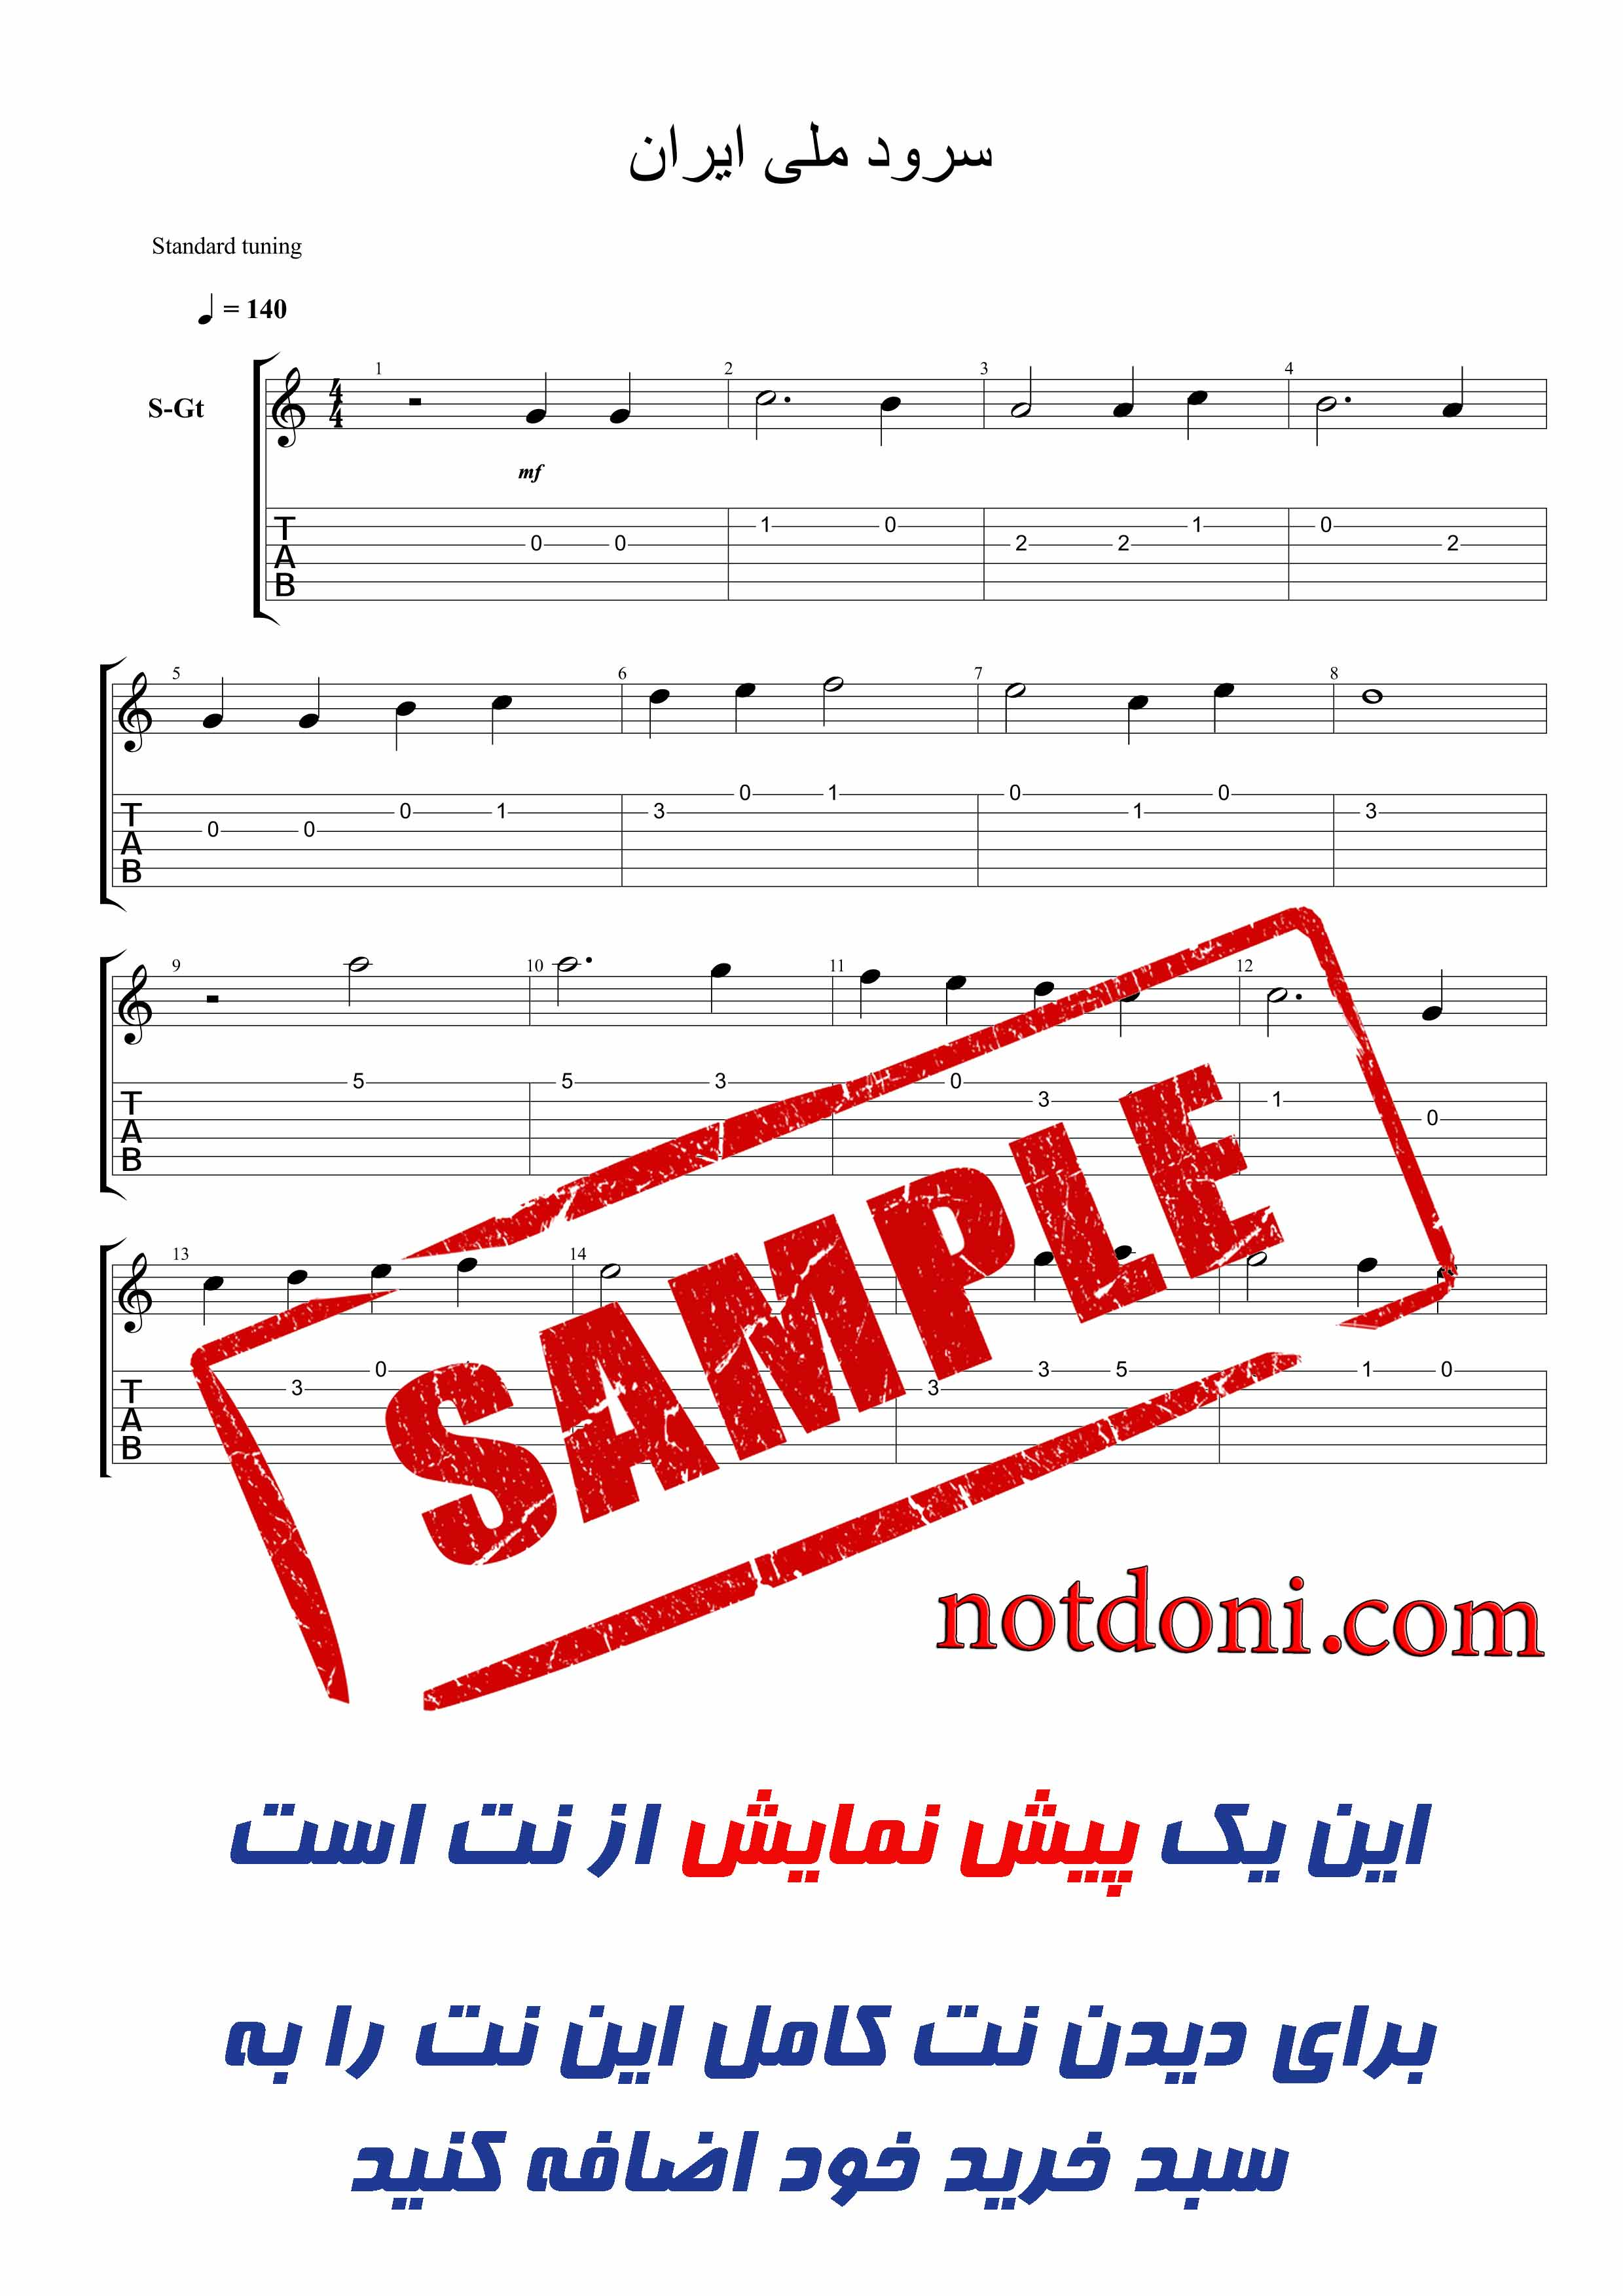 29cb9872-ffab-4873-8435-df2d2500e2a8_دموی-نت-سرود-ملی.jpg